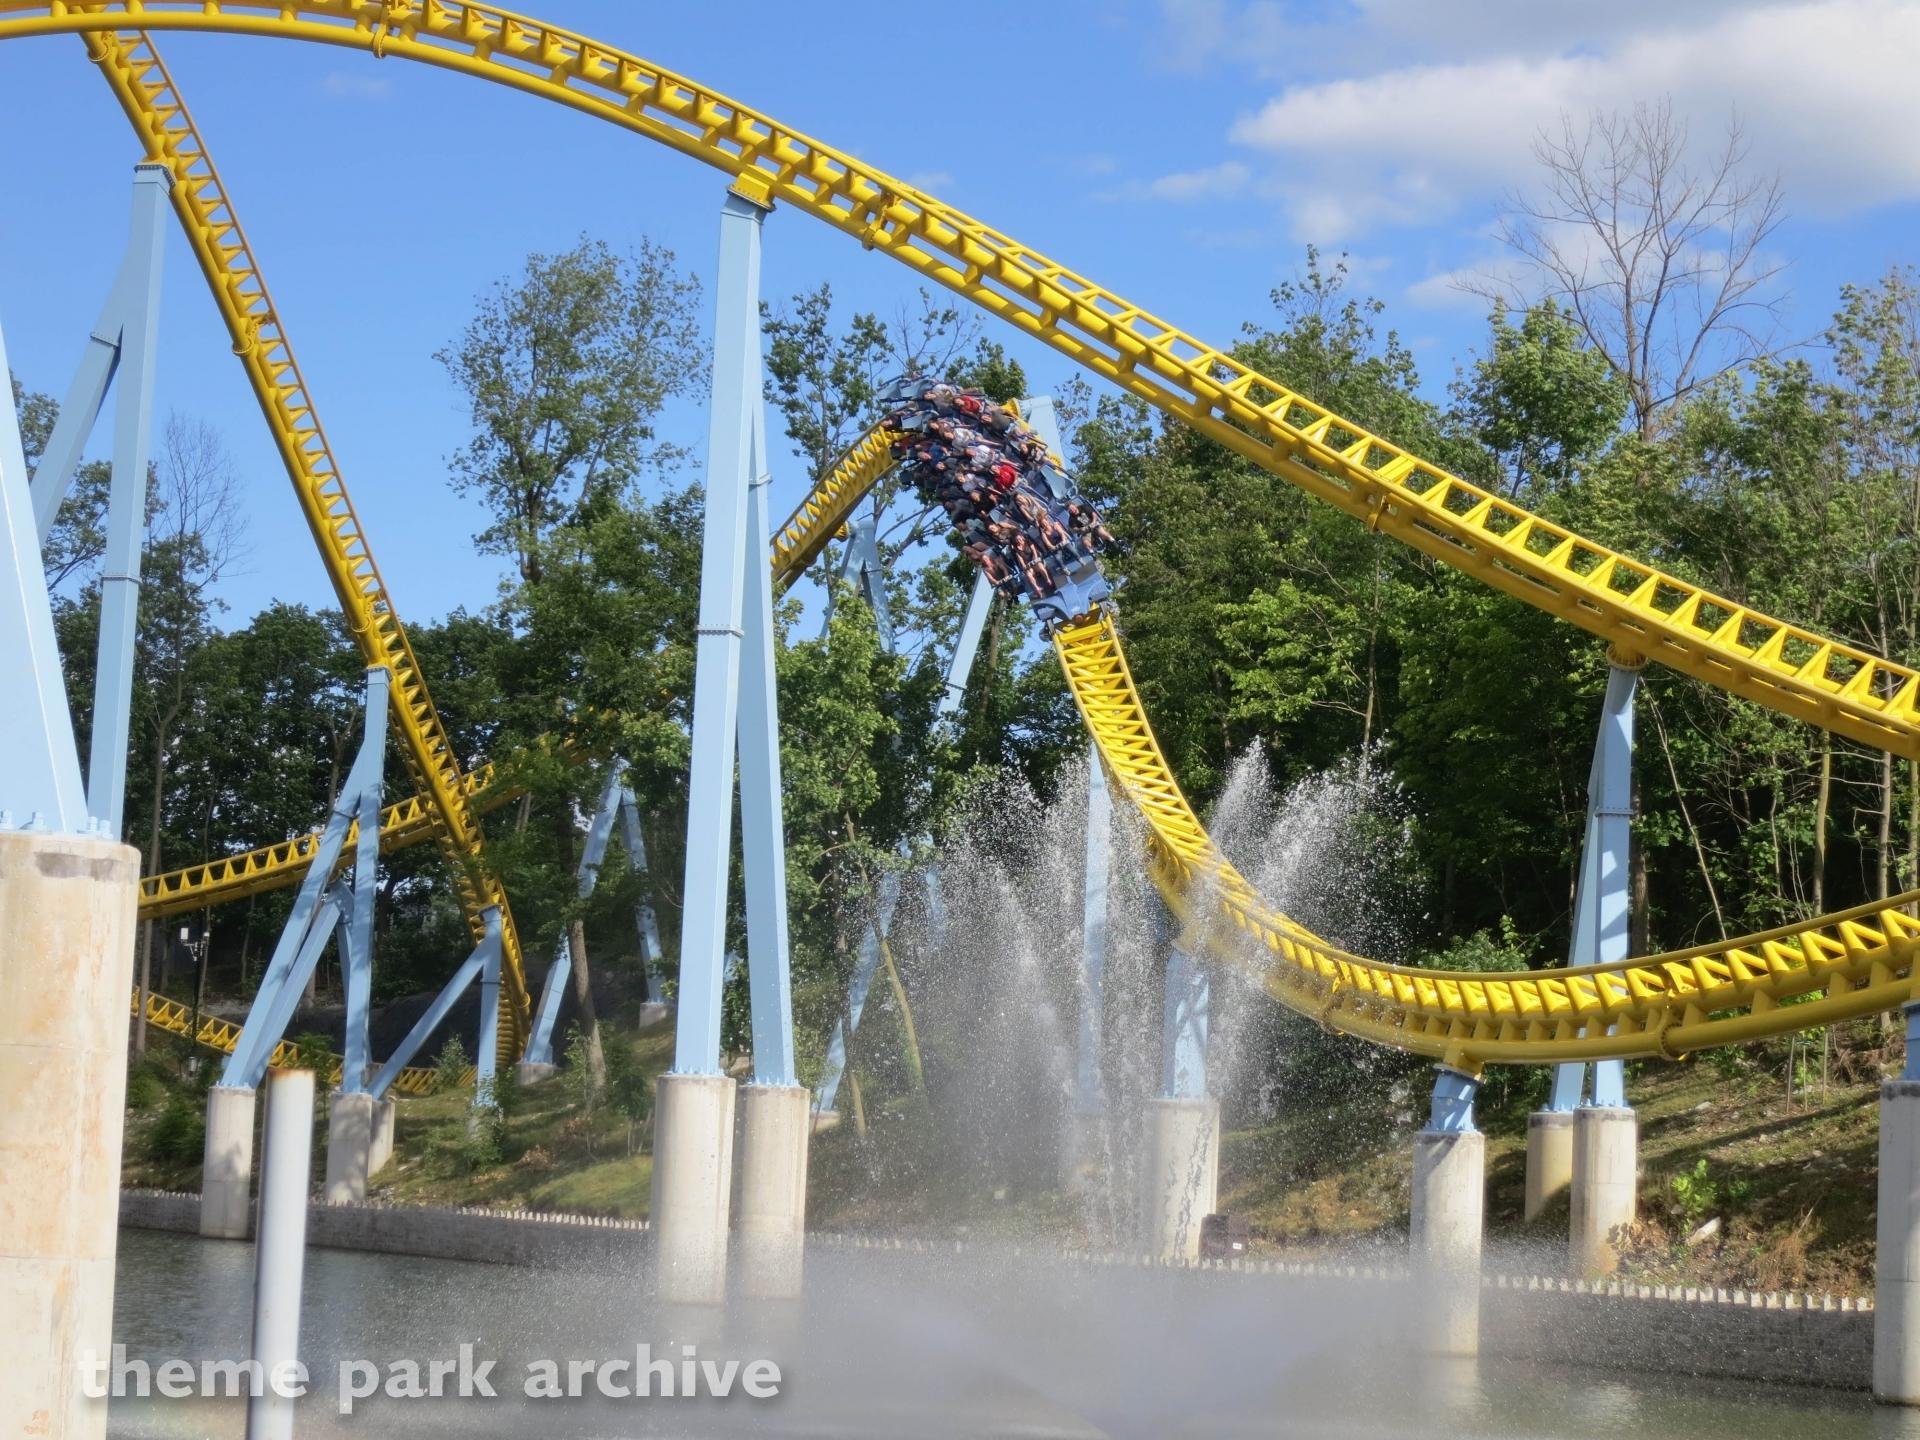 Skyrush at Hersheypark